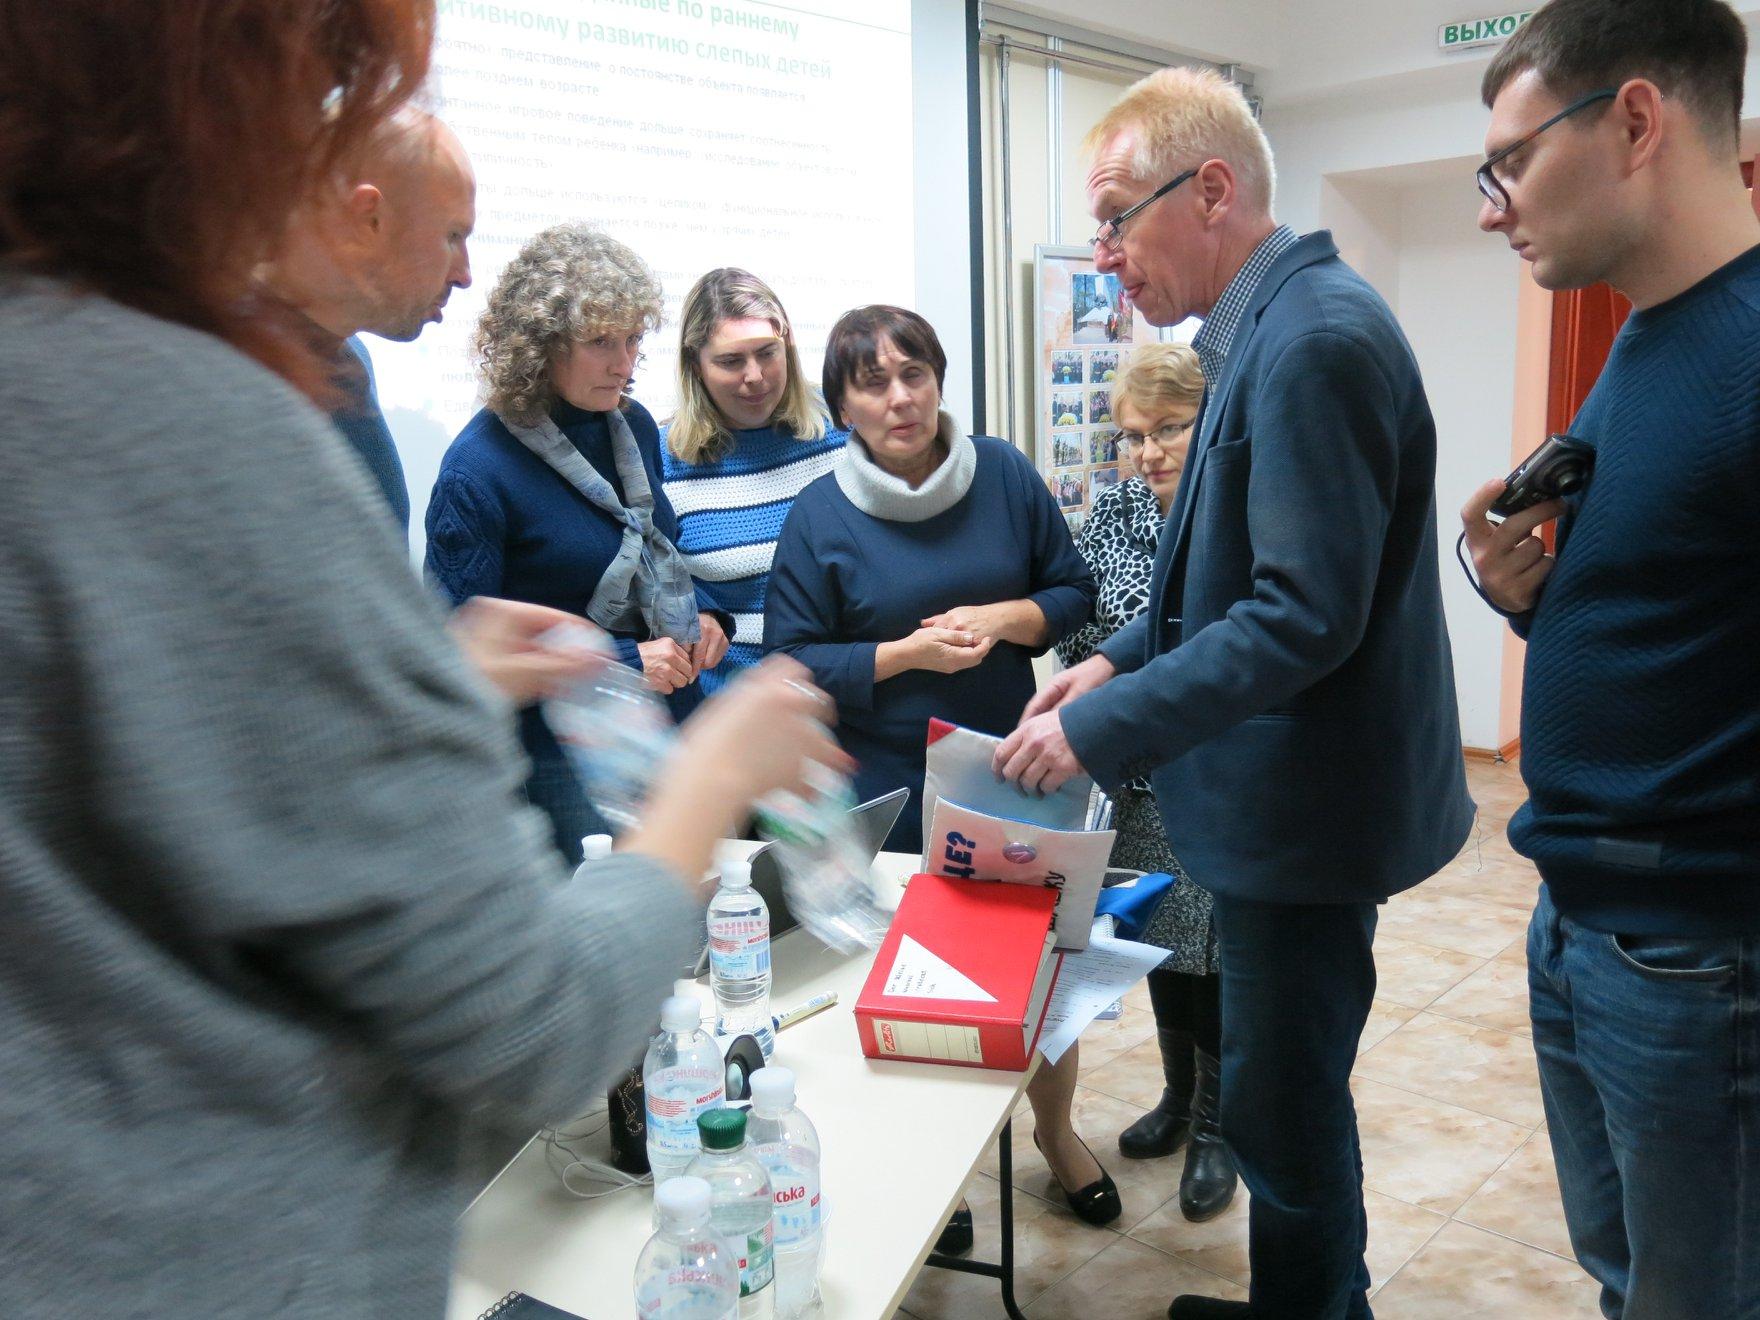 Unser Foto zeigt den deutschen Experten Dr. Werner Hecker umringt von Teilnehmenden an der Multiplikatoren-Fortbildung in der Geschichtswerkstatt Tschernobyl in Charkiw.